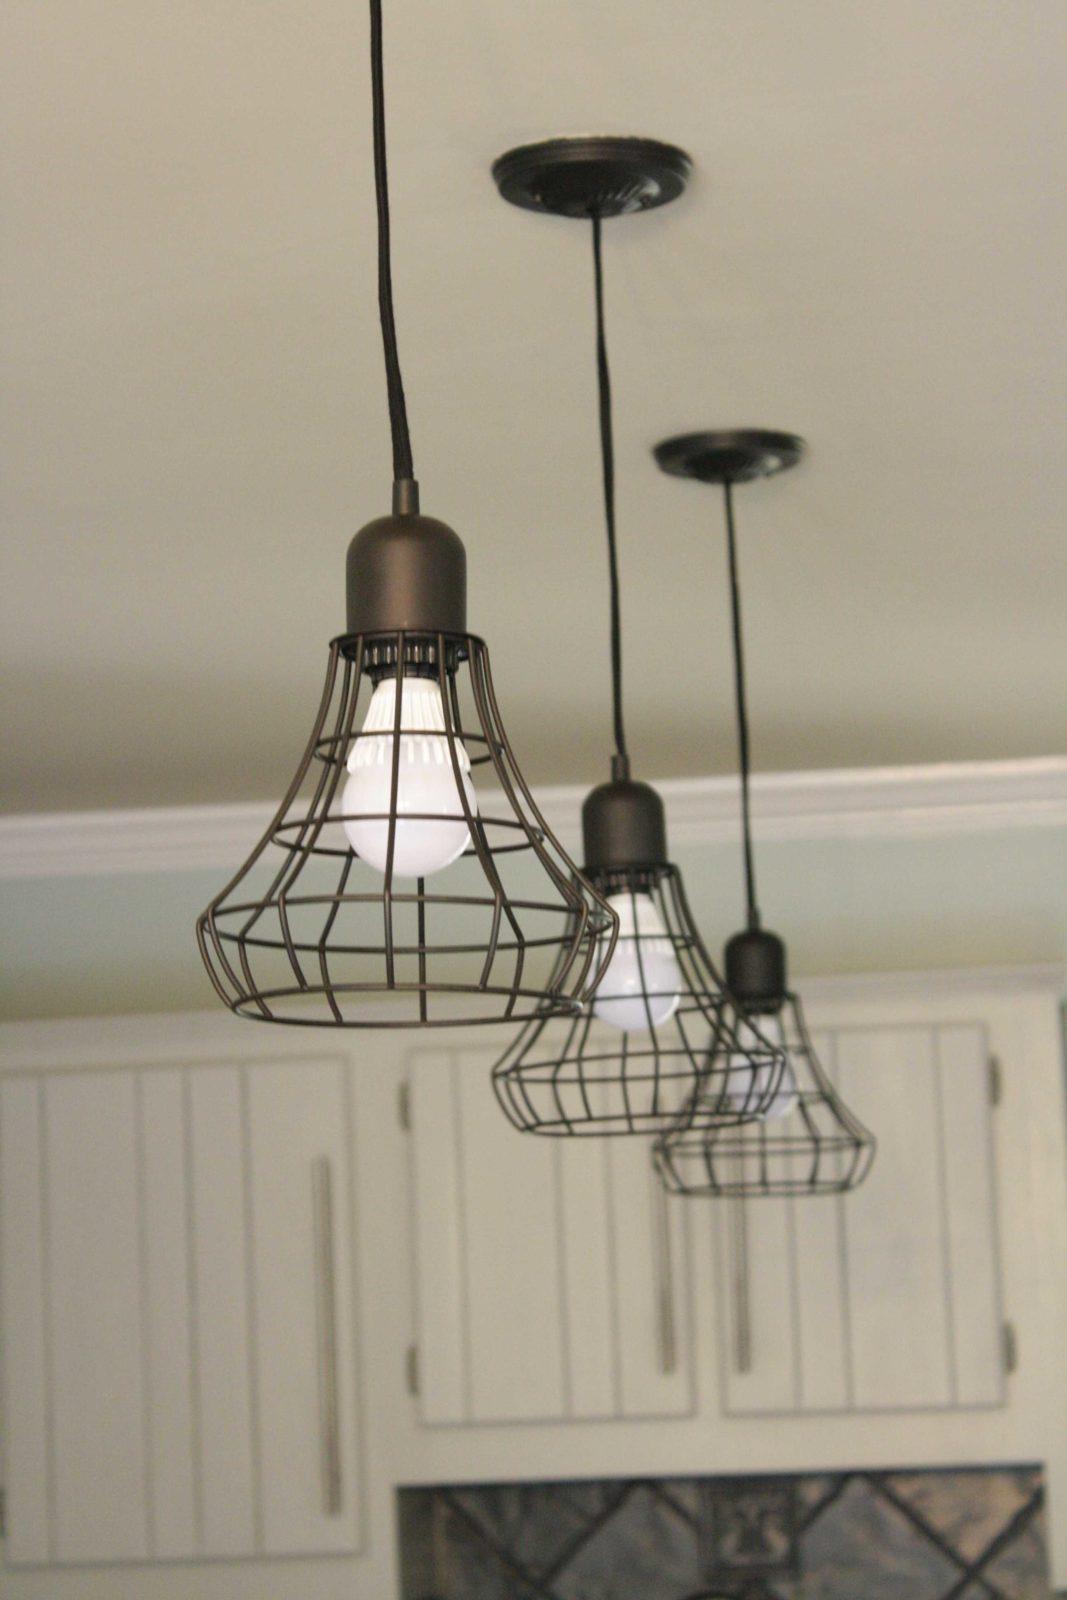 affordable industrial pendant lighting, Kitchen design